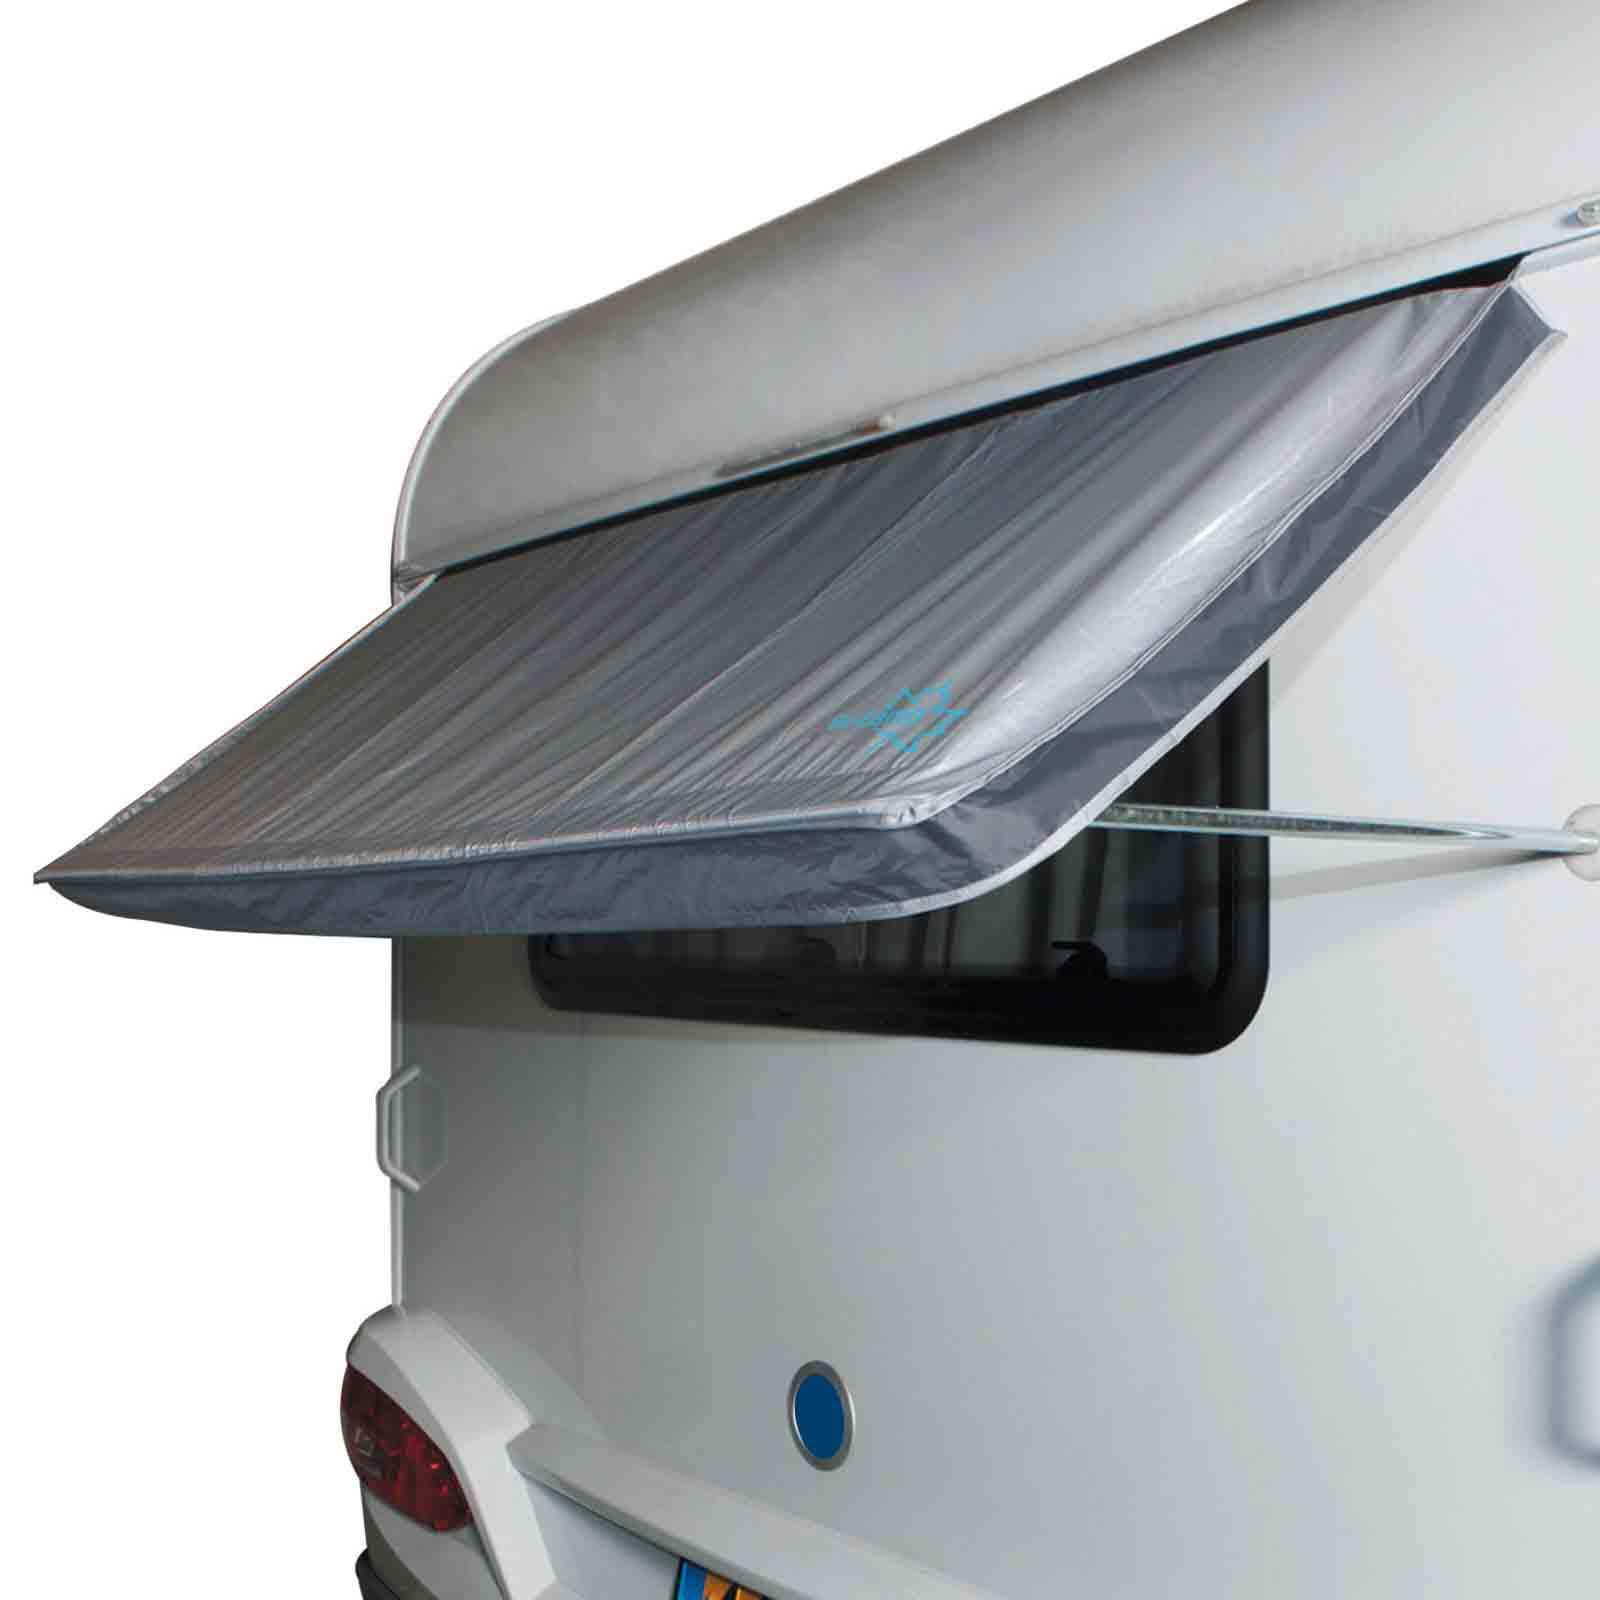 Wohnwagen Fenstermarkise, 180x75cm, 2000mm Wassersäule, Stahl verzinkt